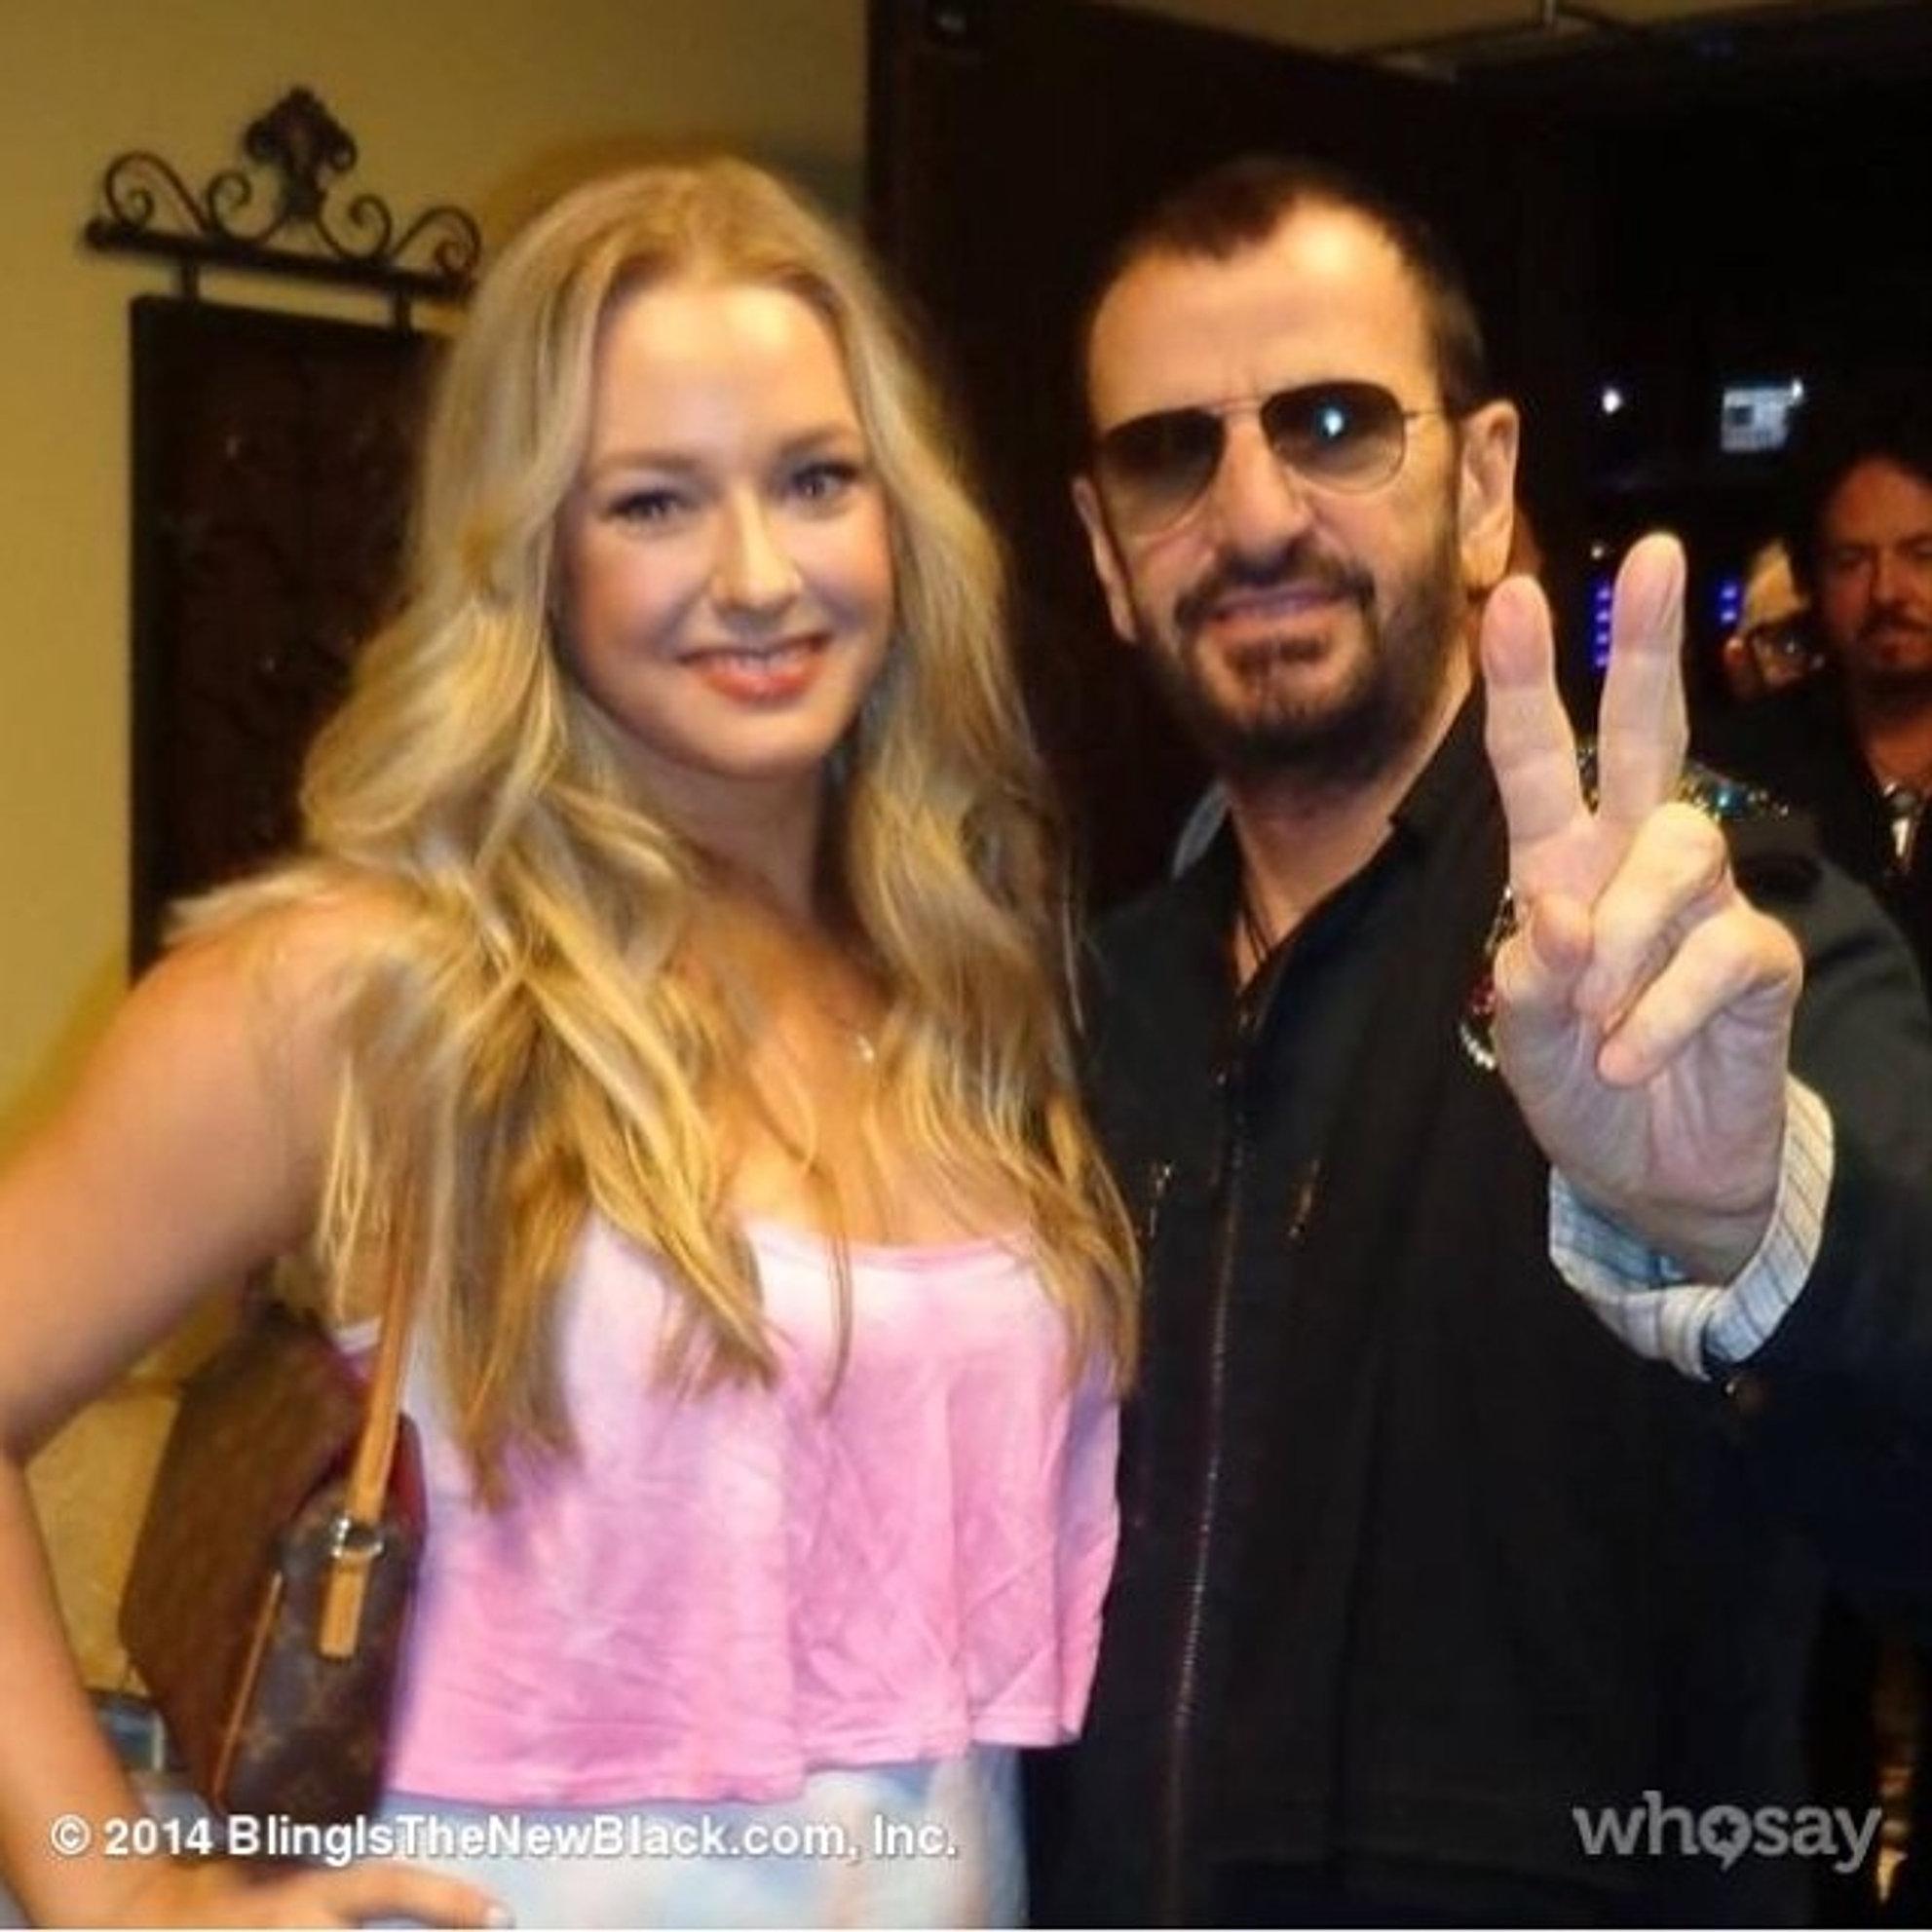 Caitlin & Ringo Starr